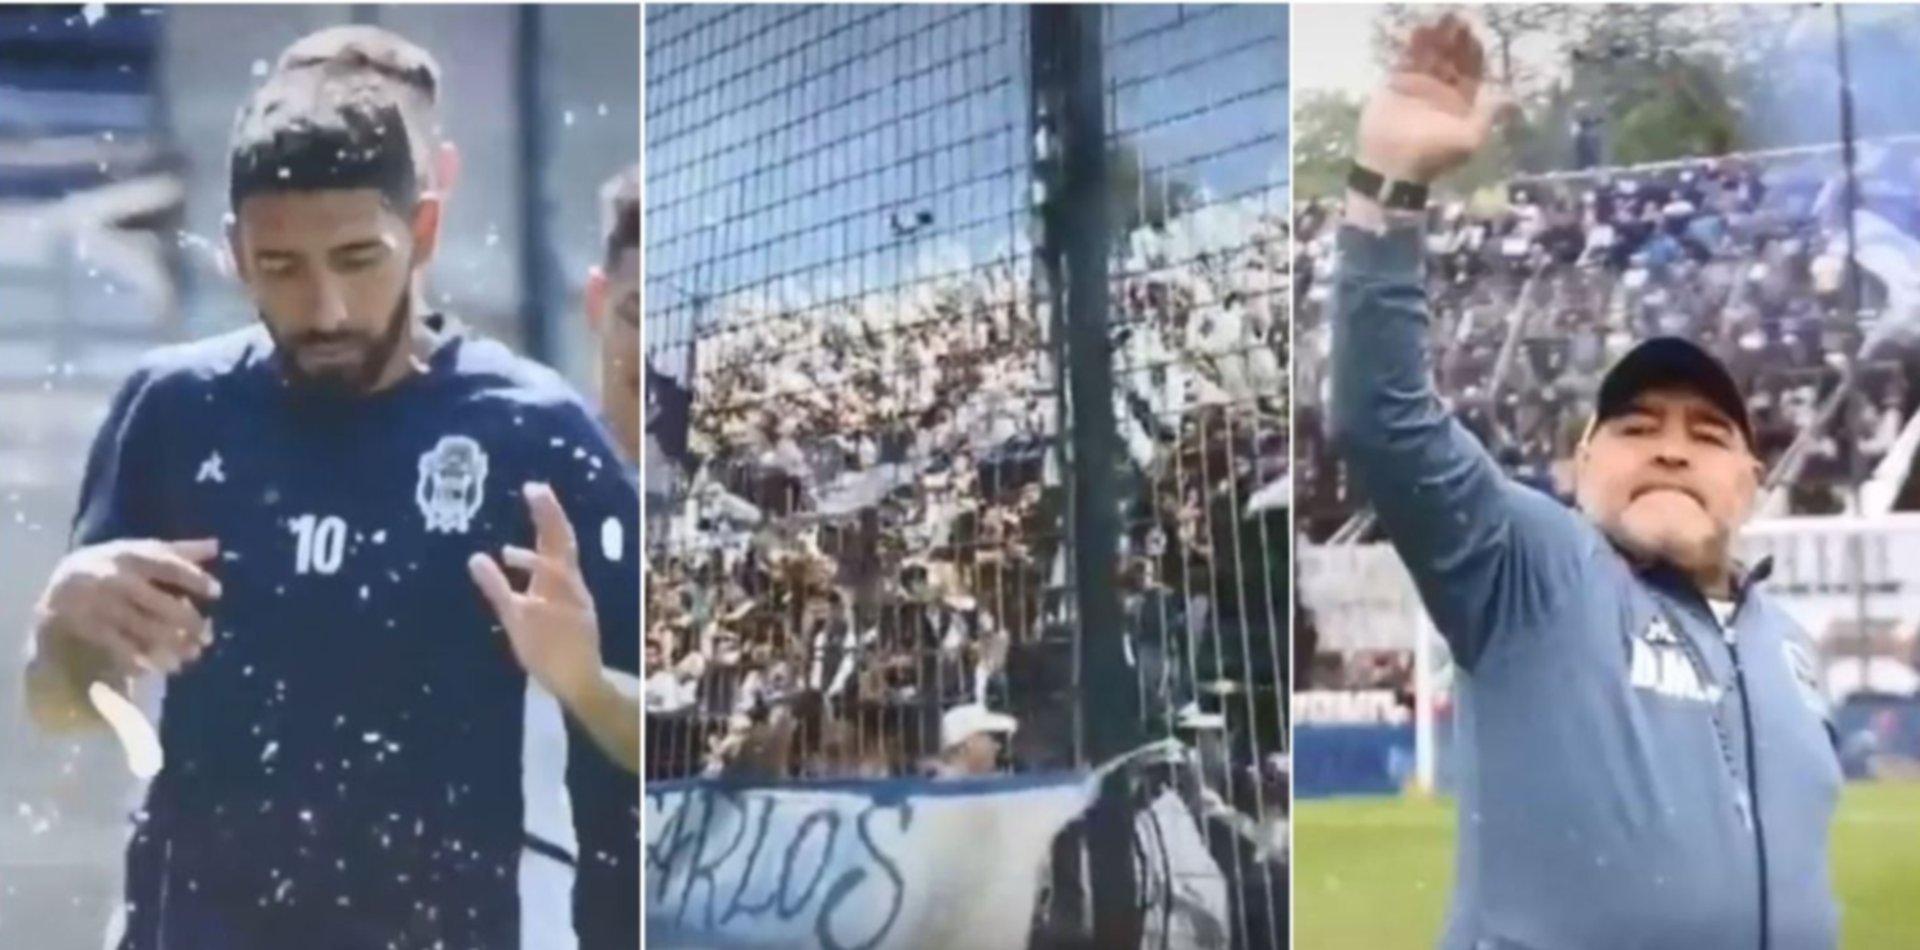 Gimnasia inauguró su cuenta de Tik Tok con videos de Diego Maradona bailando ATR